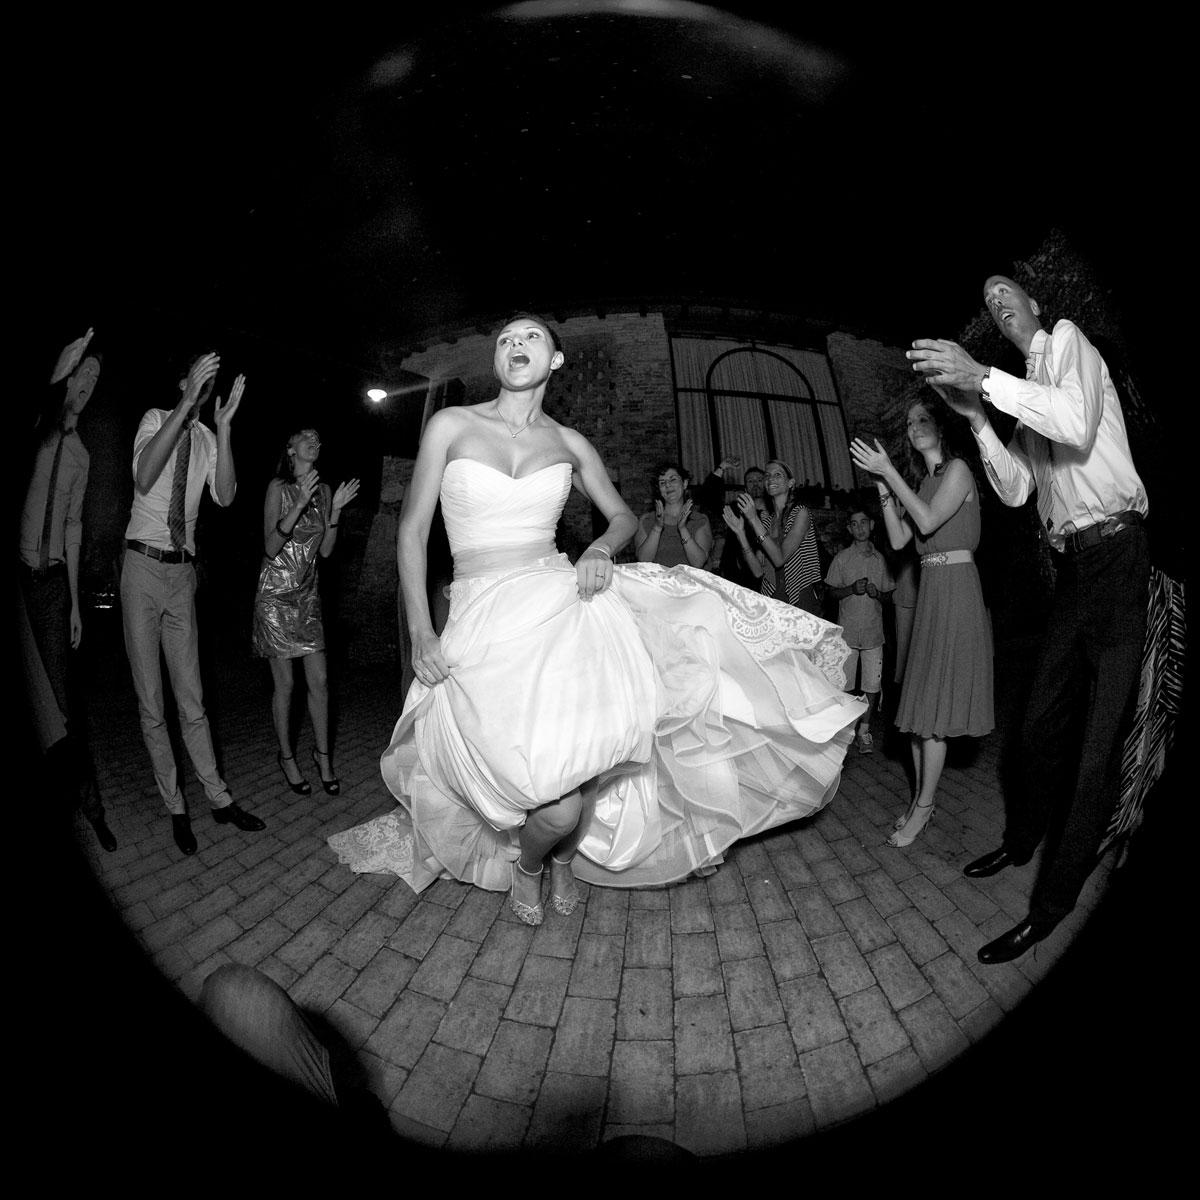 matrimoni-festa_028_SP